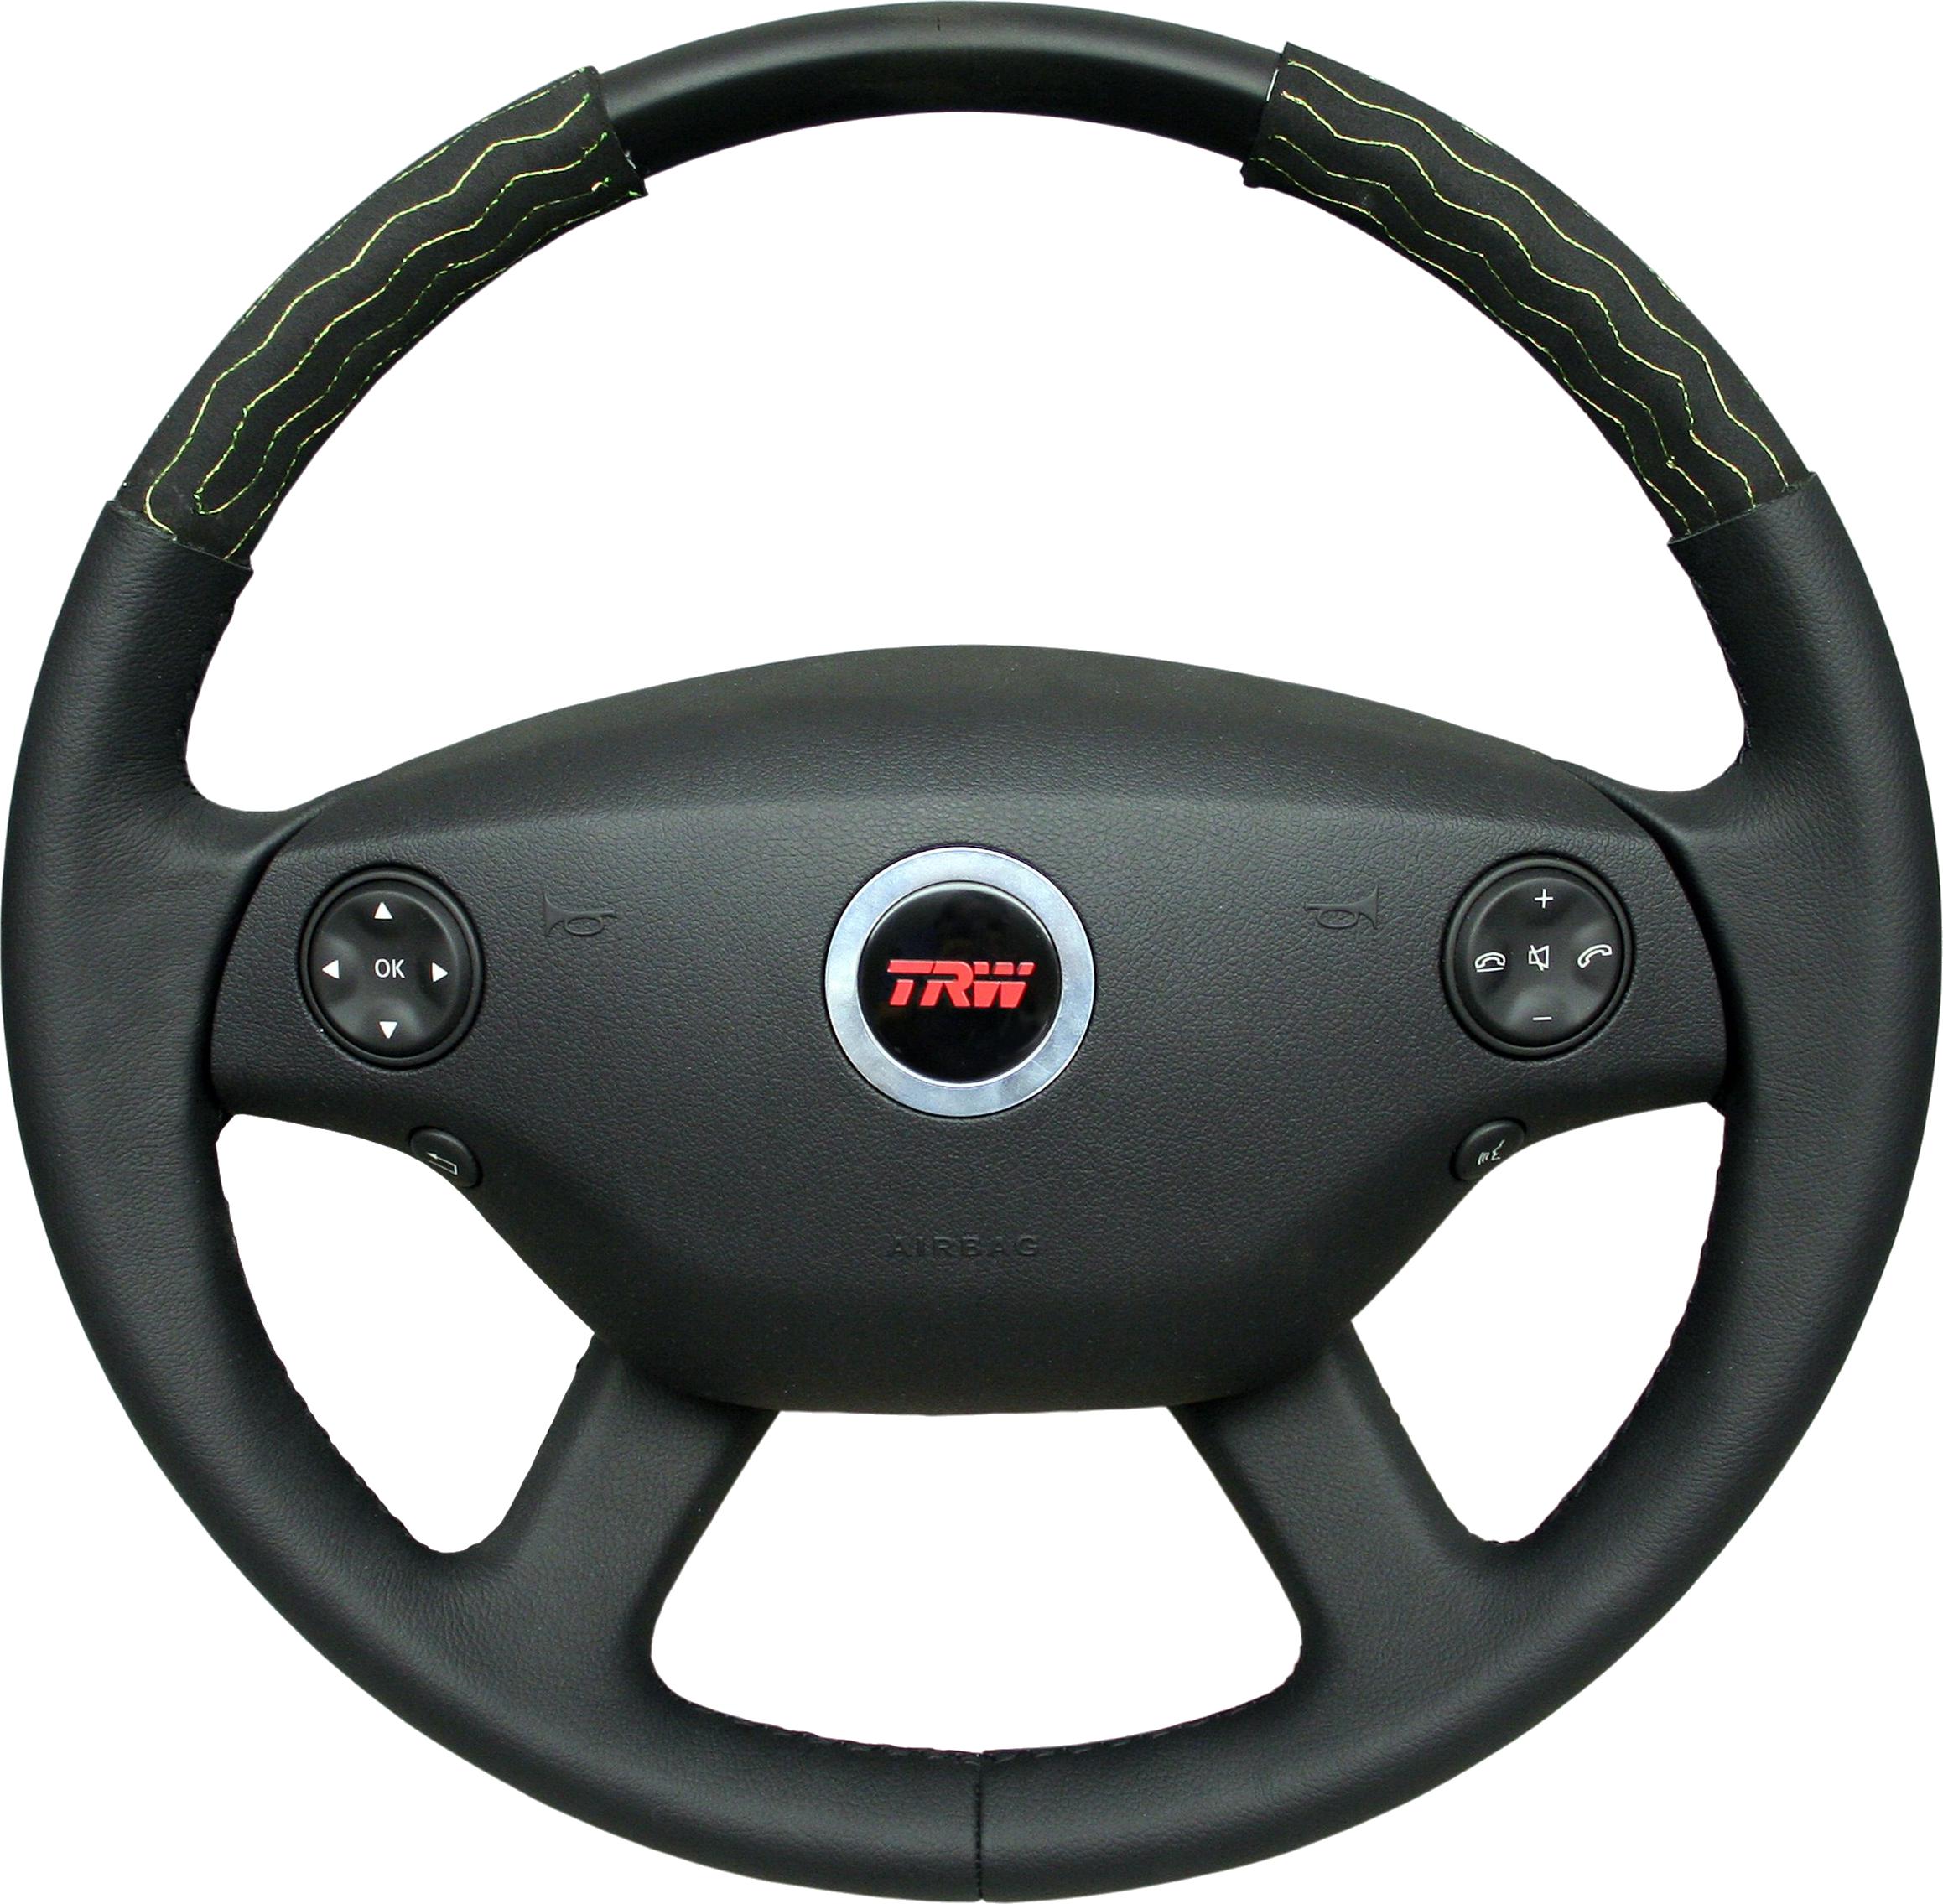 Steering Wheel Png Image Steering Wheel Wheel Car